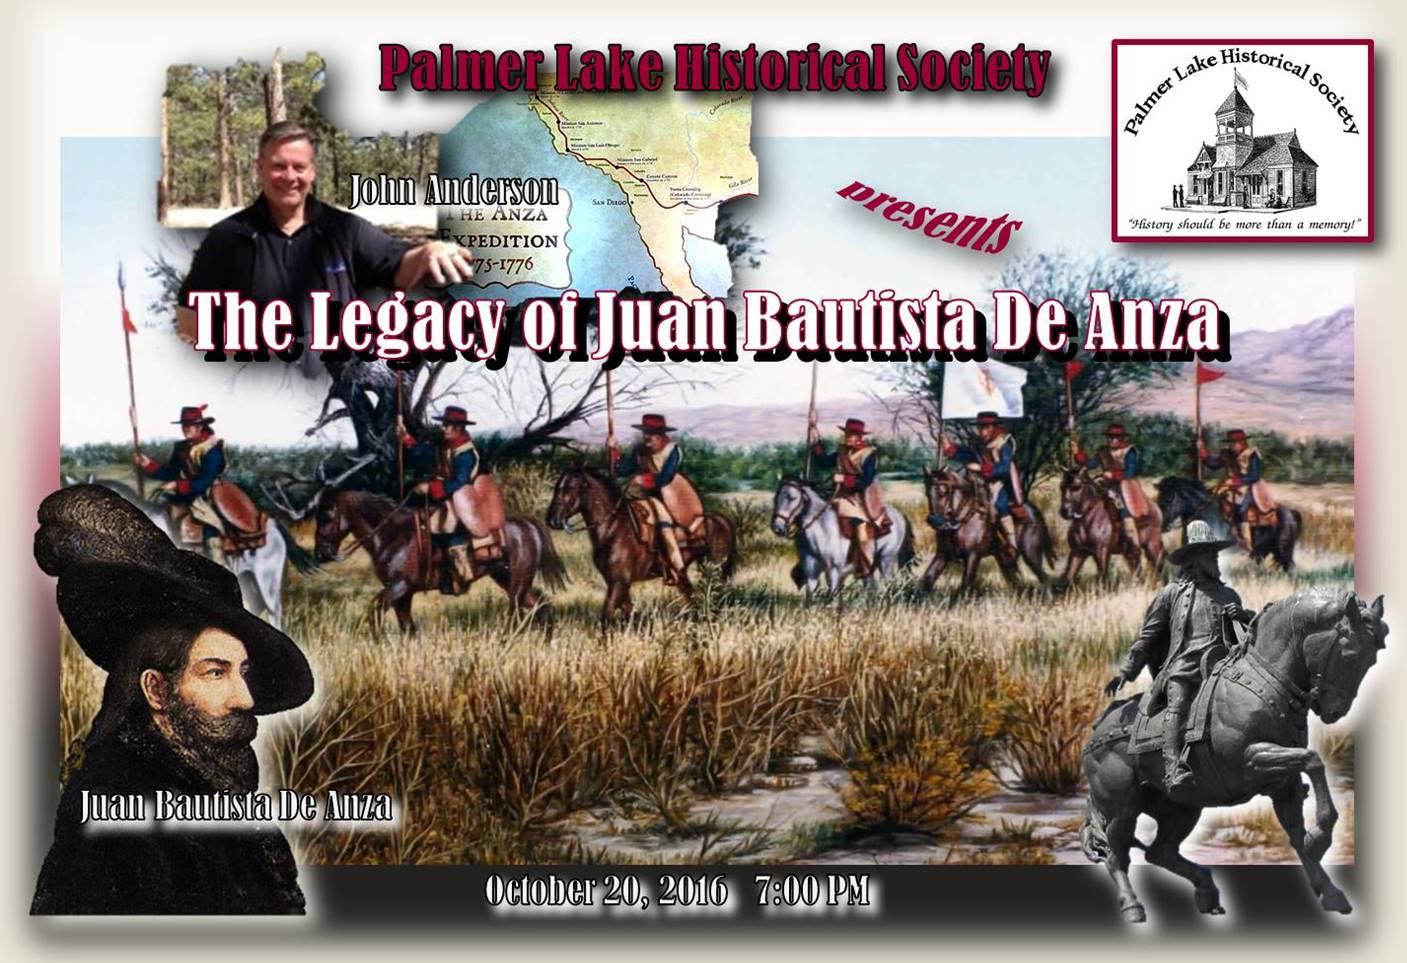 Legacy of Juan Bautista De Anza - John Anderson